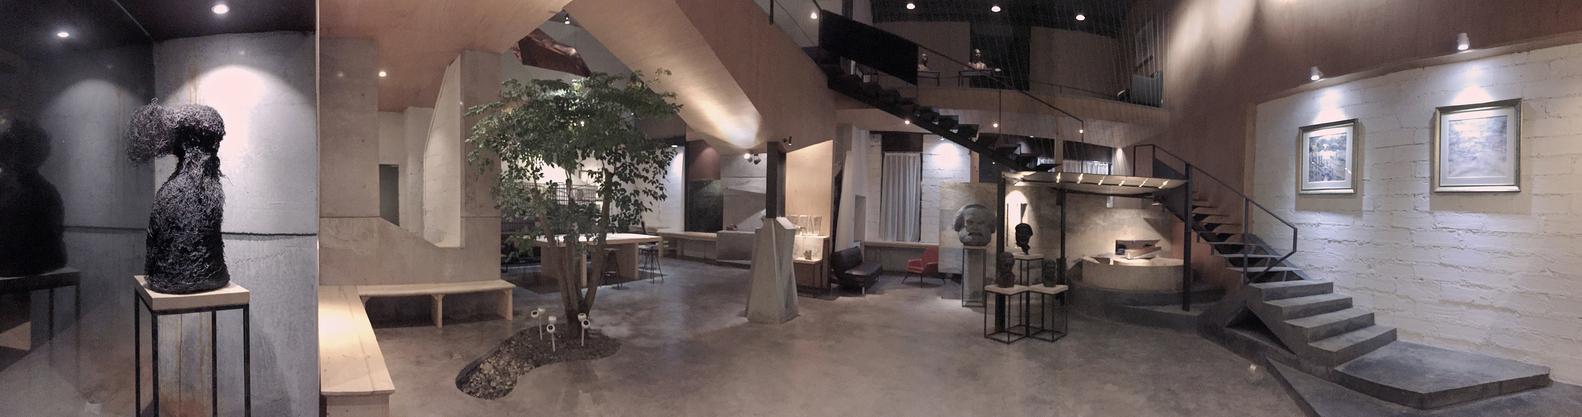 văn phòng kiến trúc 8